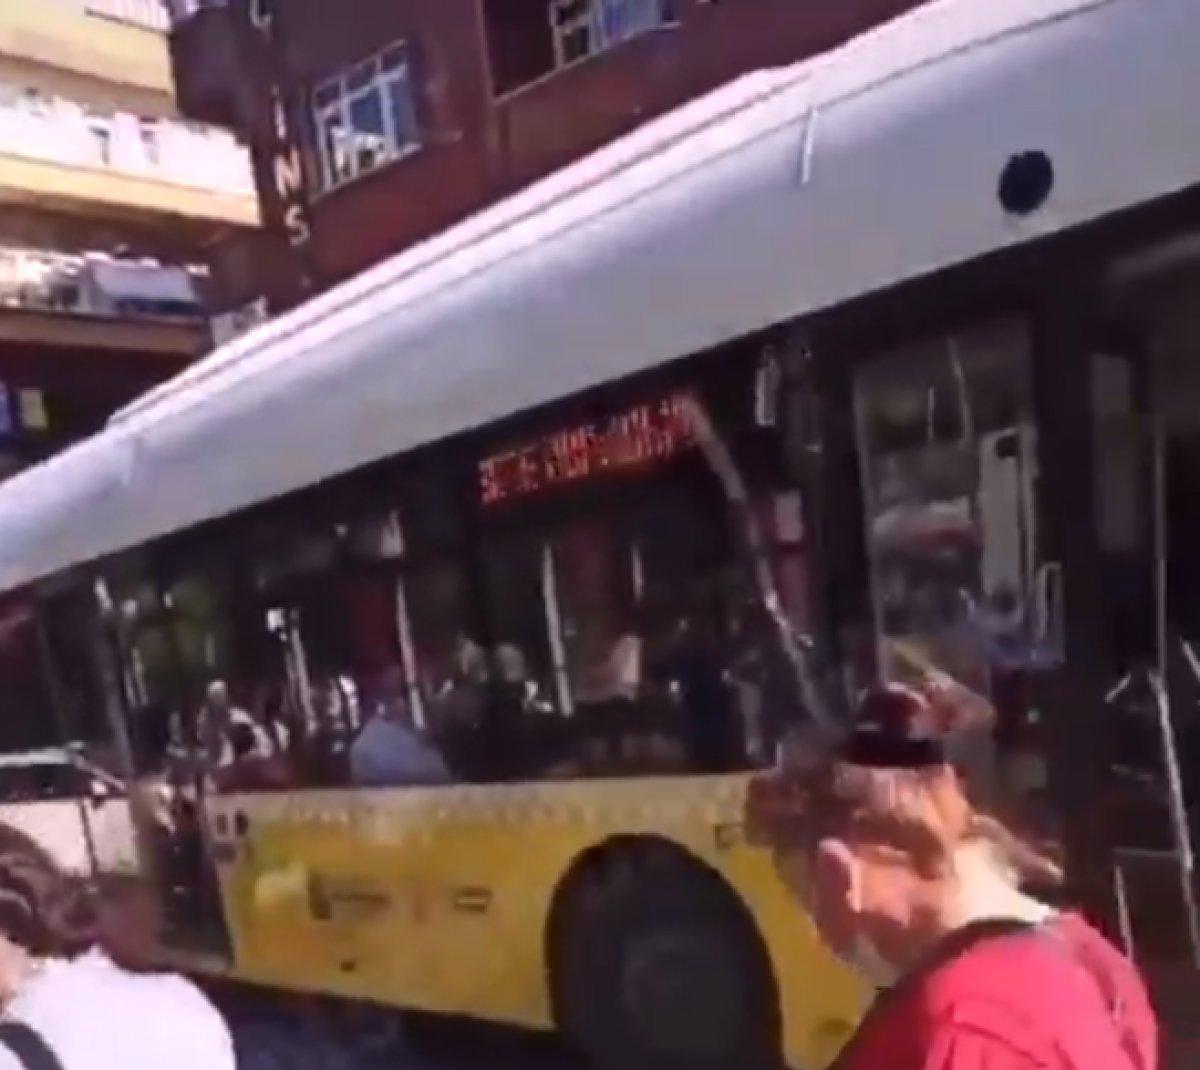 İstanbul da İETT araçlarındaki arızalar mağduriyet oluşturmaya devam ediyor #1